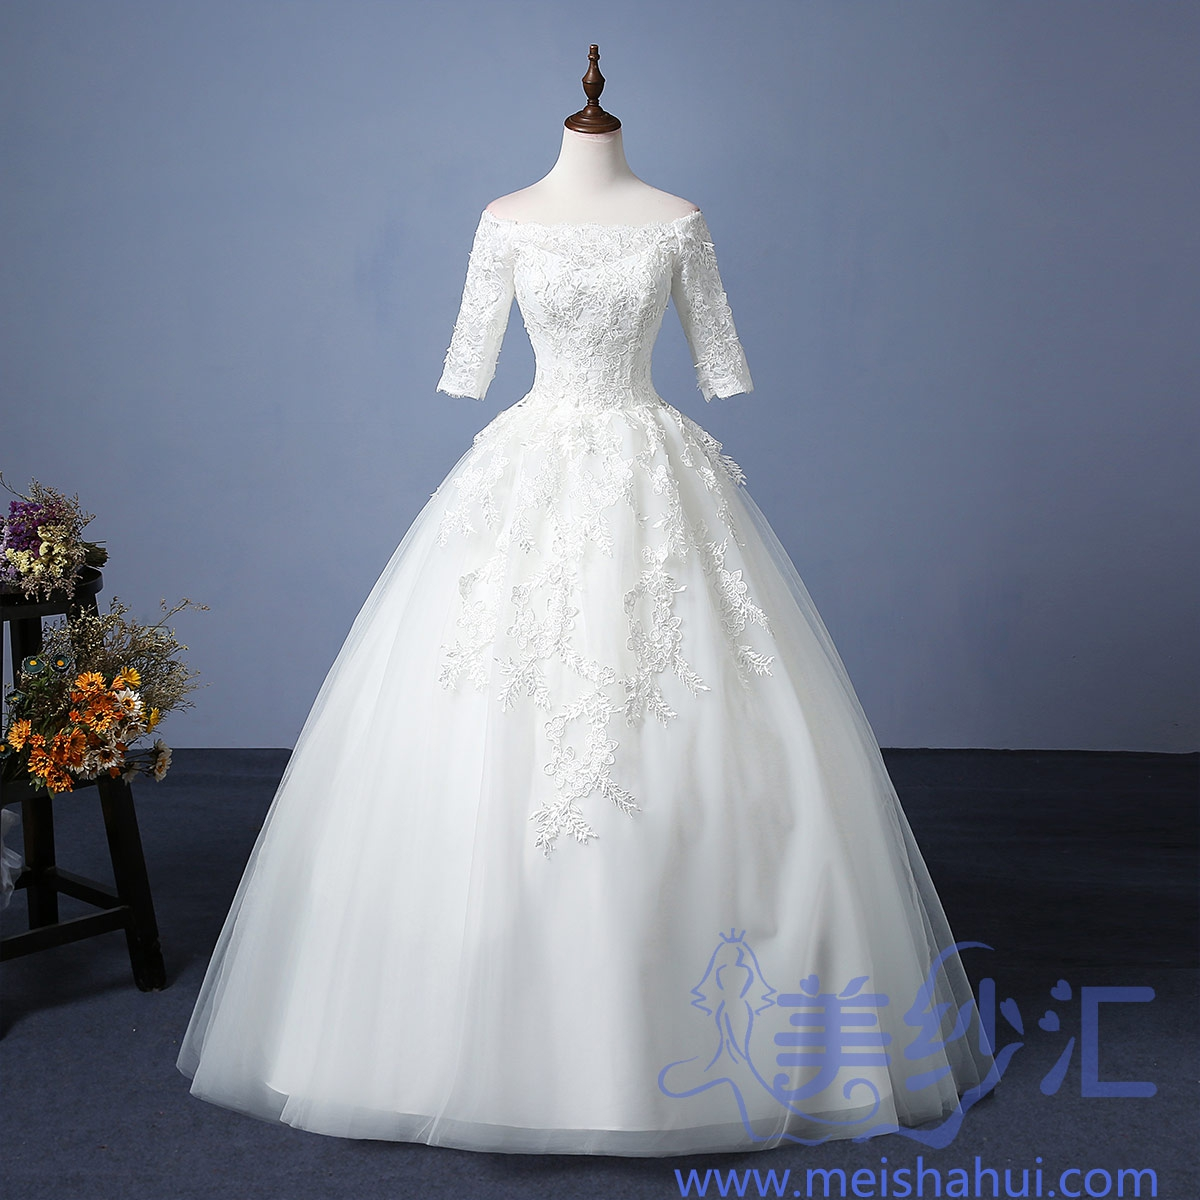 一字肩中袖米白色新娘结婚嫁衣齐地婚纱花纹图案101101C-123 如图 均码